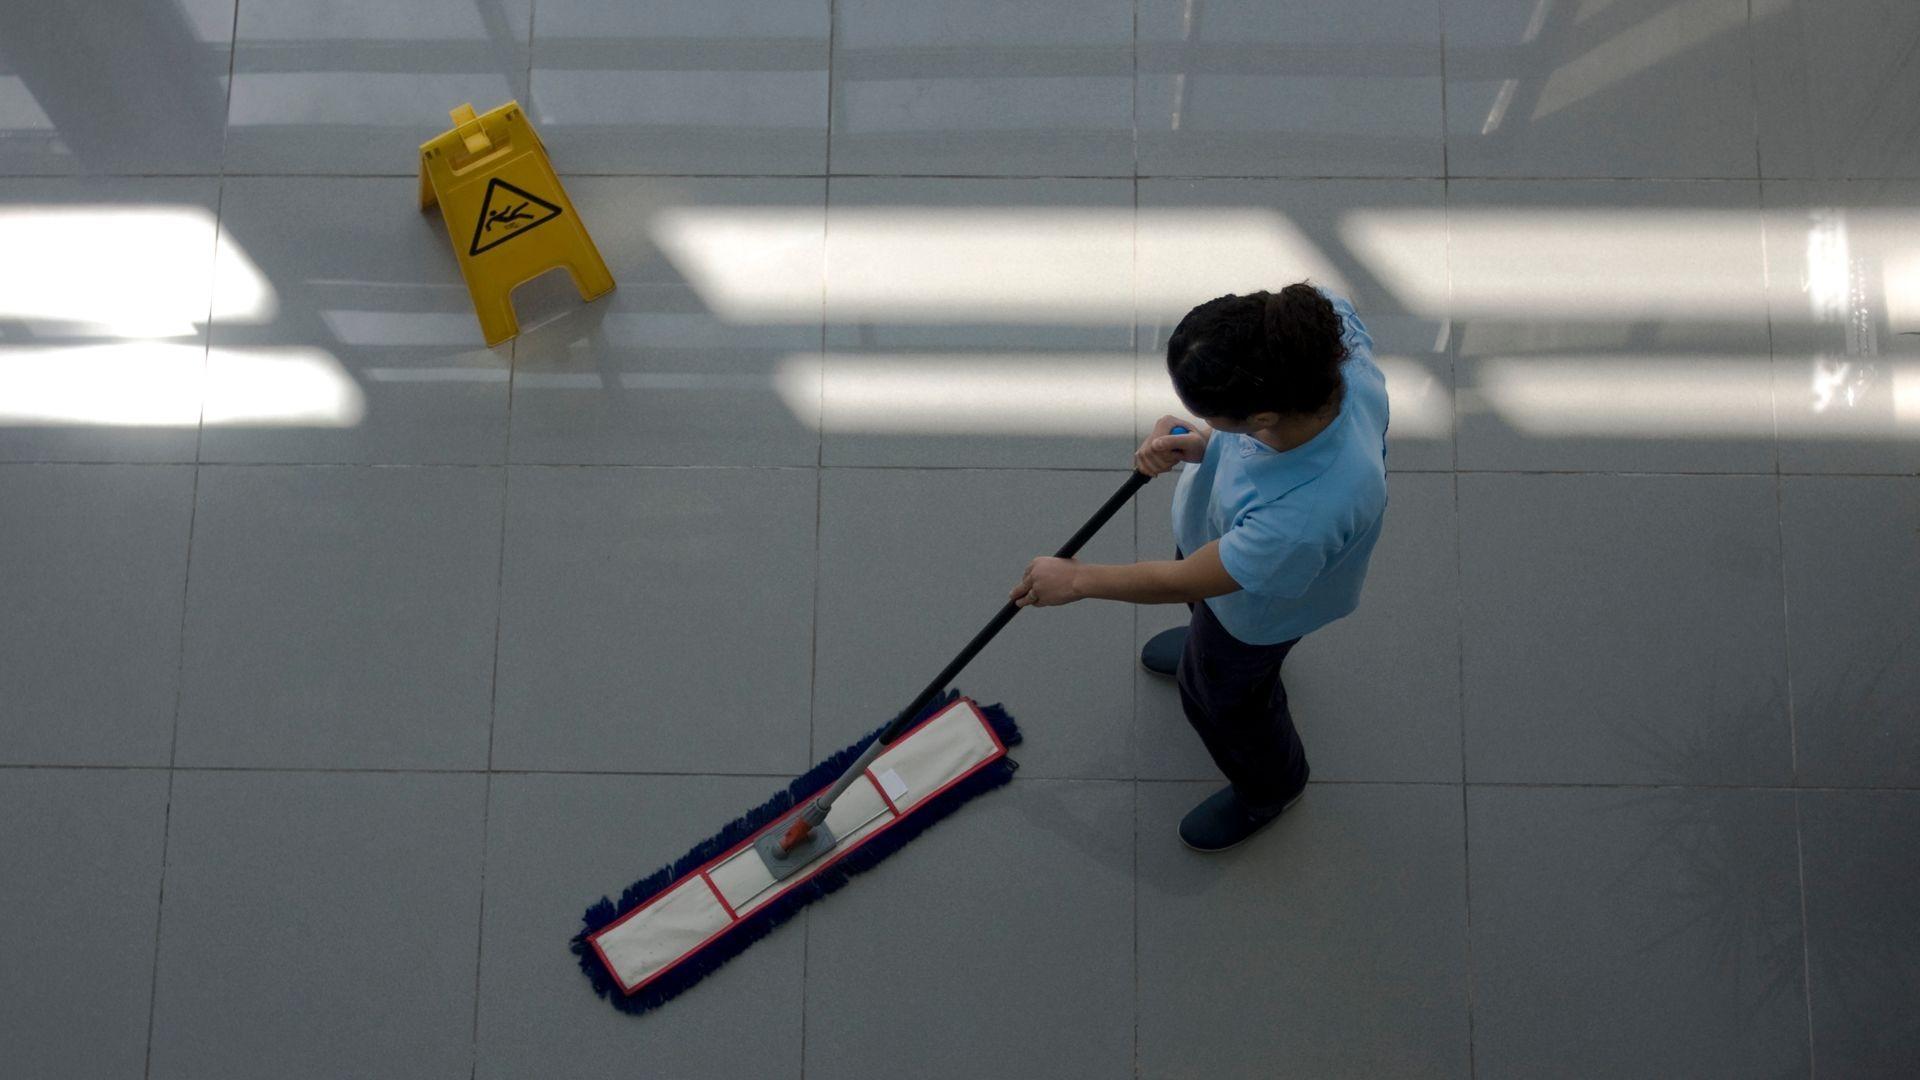 000 limpieza suelos   (2)